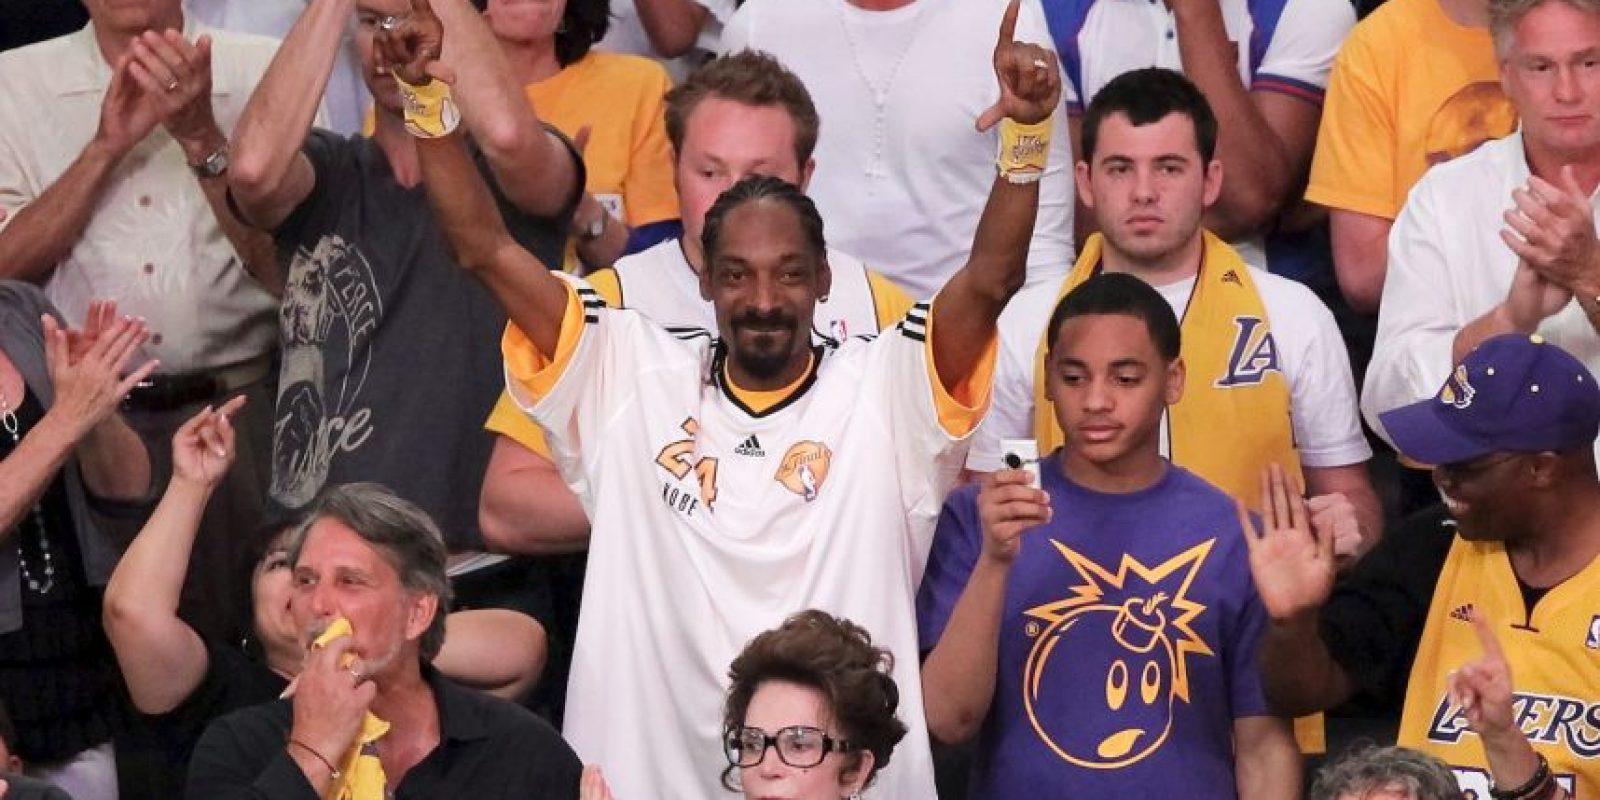 Por eso, Snoop Dogg quiso hacerle un regalo